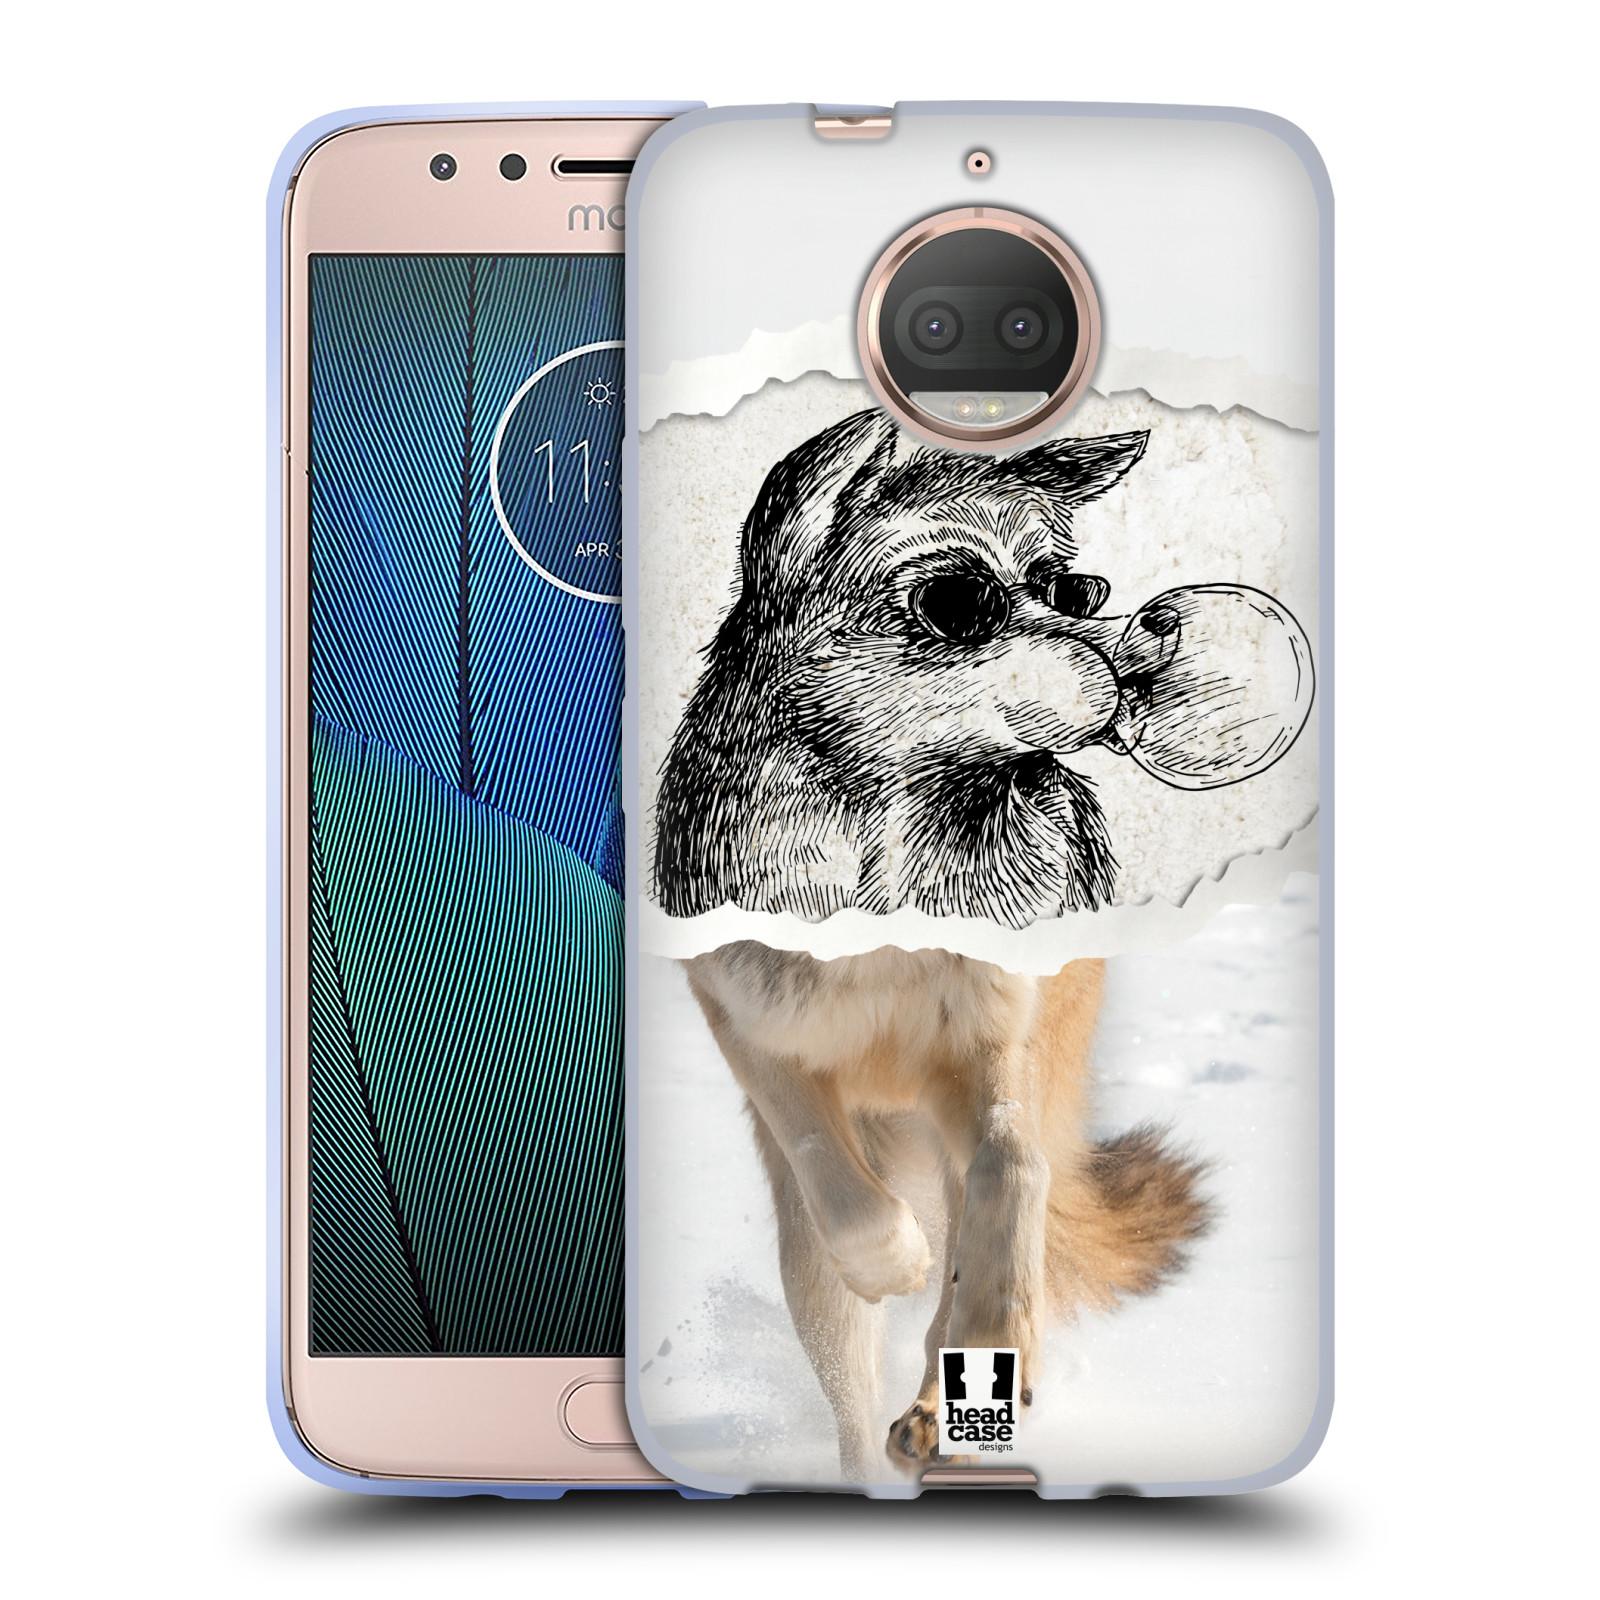 HEAD CASE silikonový obal na mobil Lenovo Moto G5s PLUS vzor zvířata koláž vlk pohodář